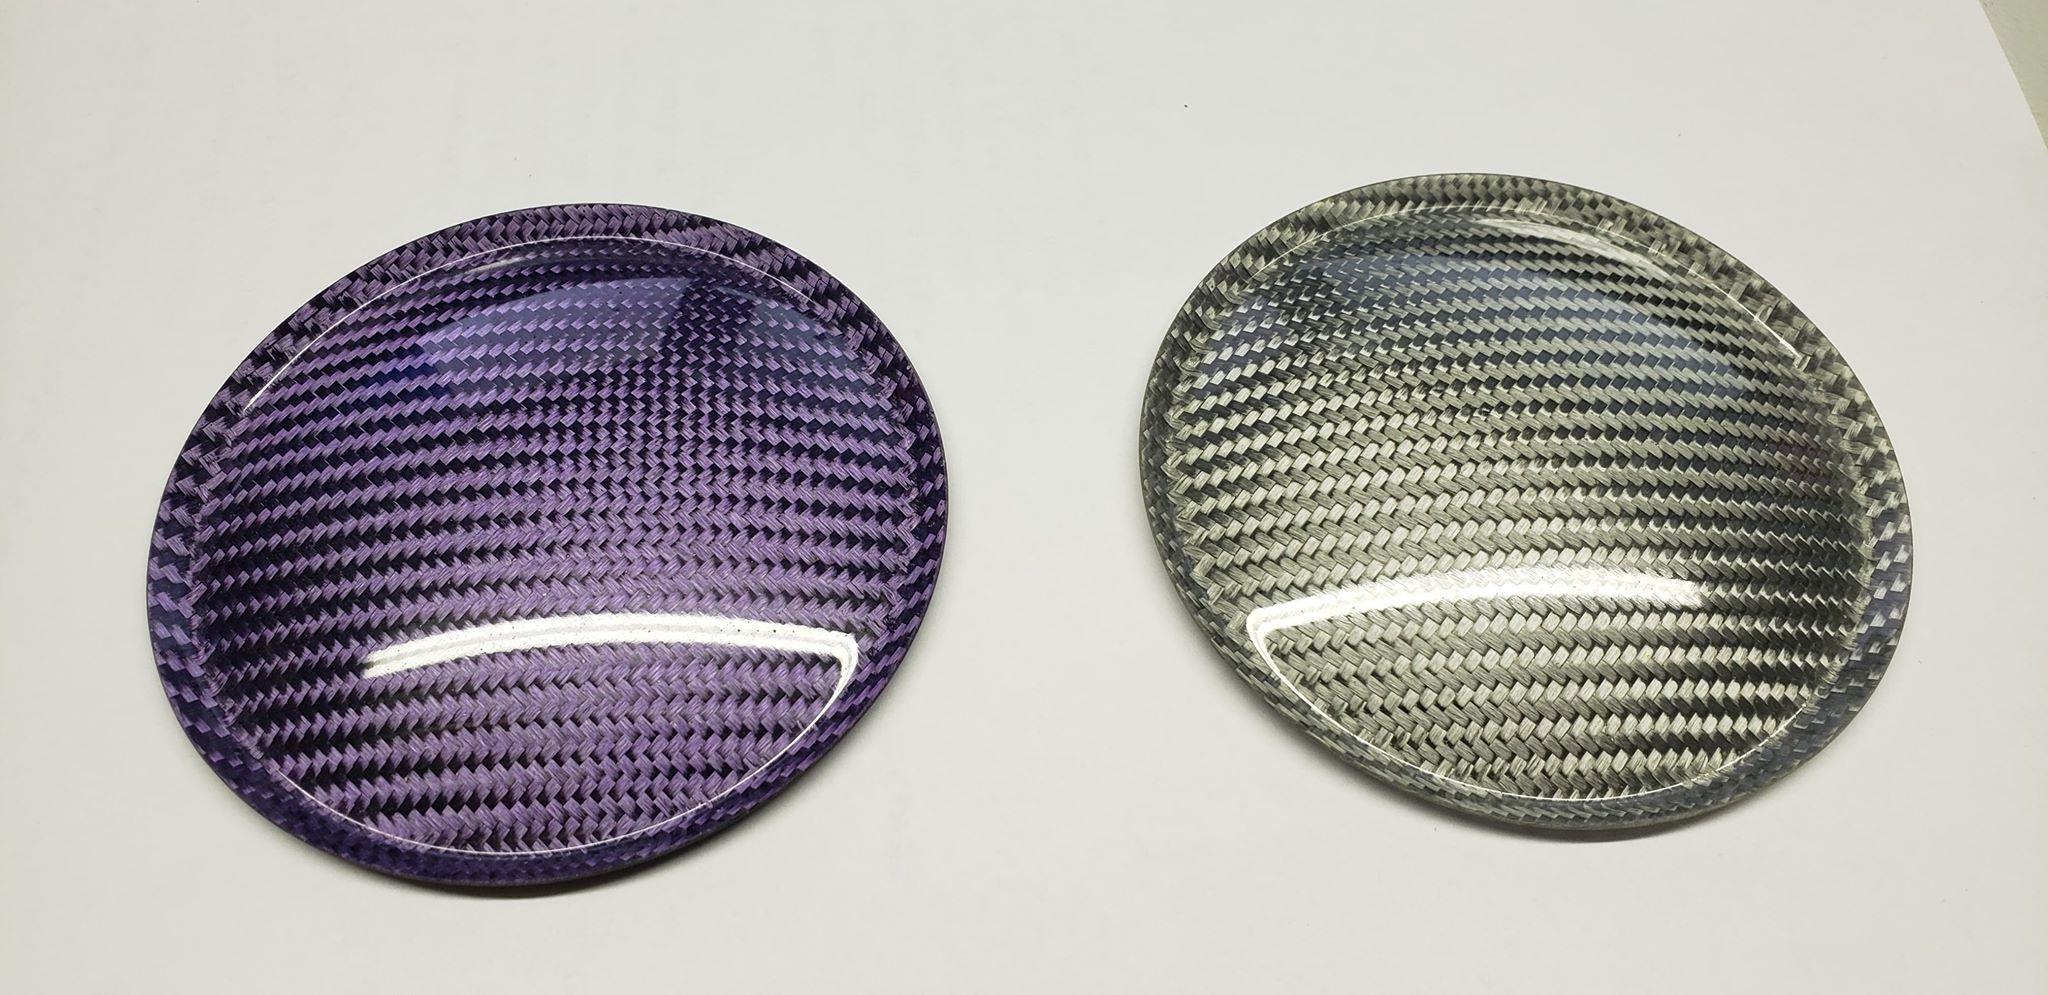 al_purple_al_silver